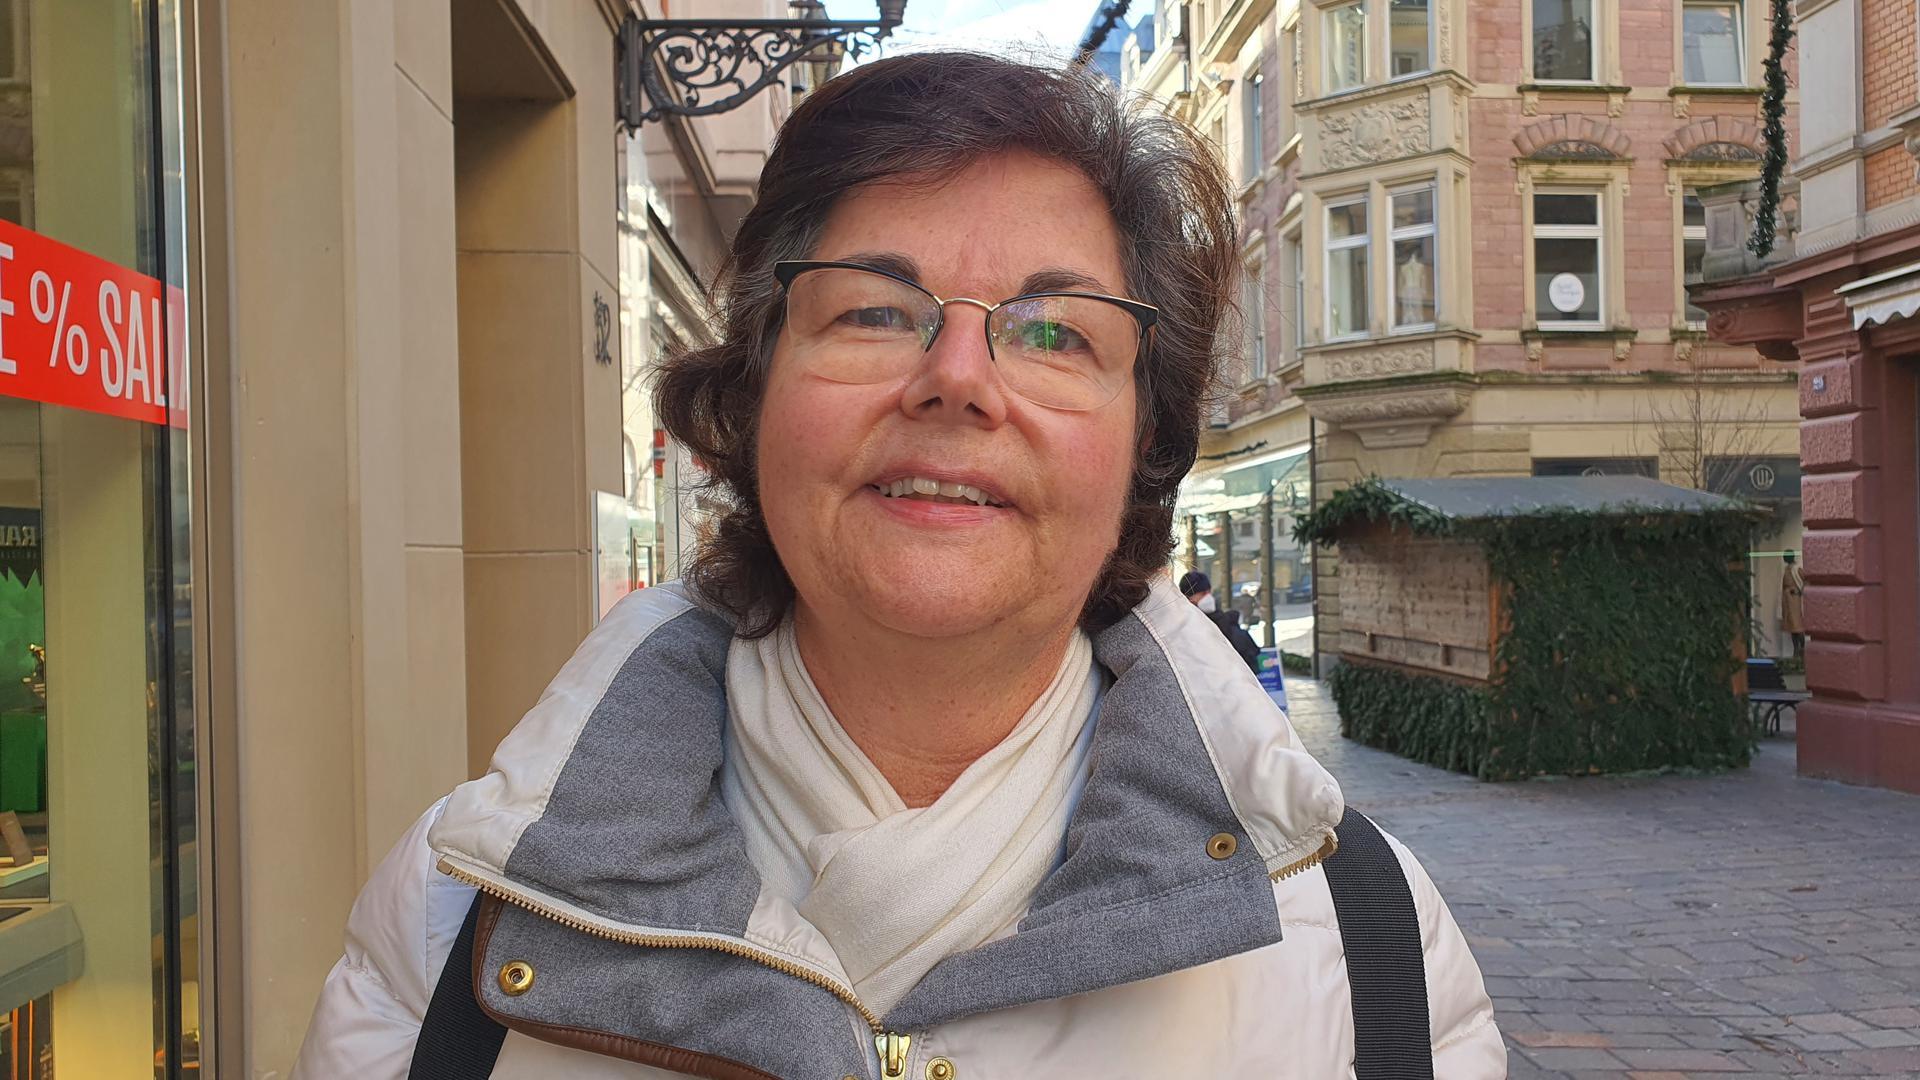 Karin Fischer in der Baden-Badener Fußgängerzone